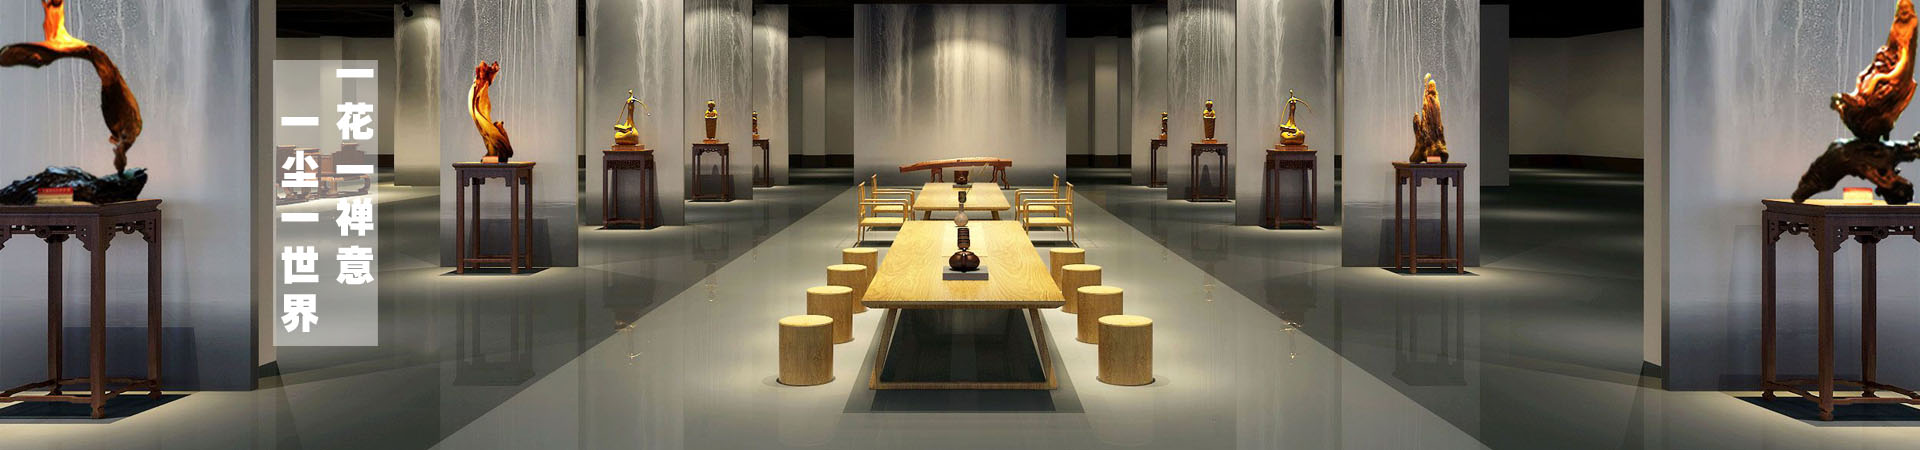 最美中式酒店设计,四个充满禅意